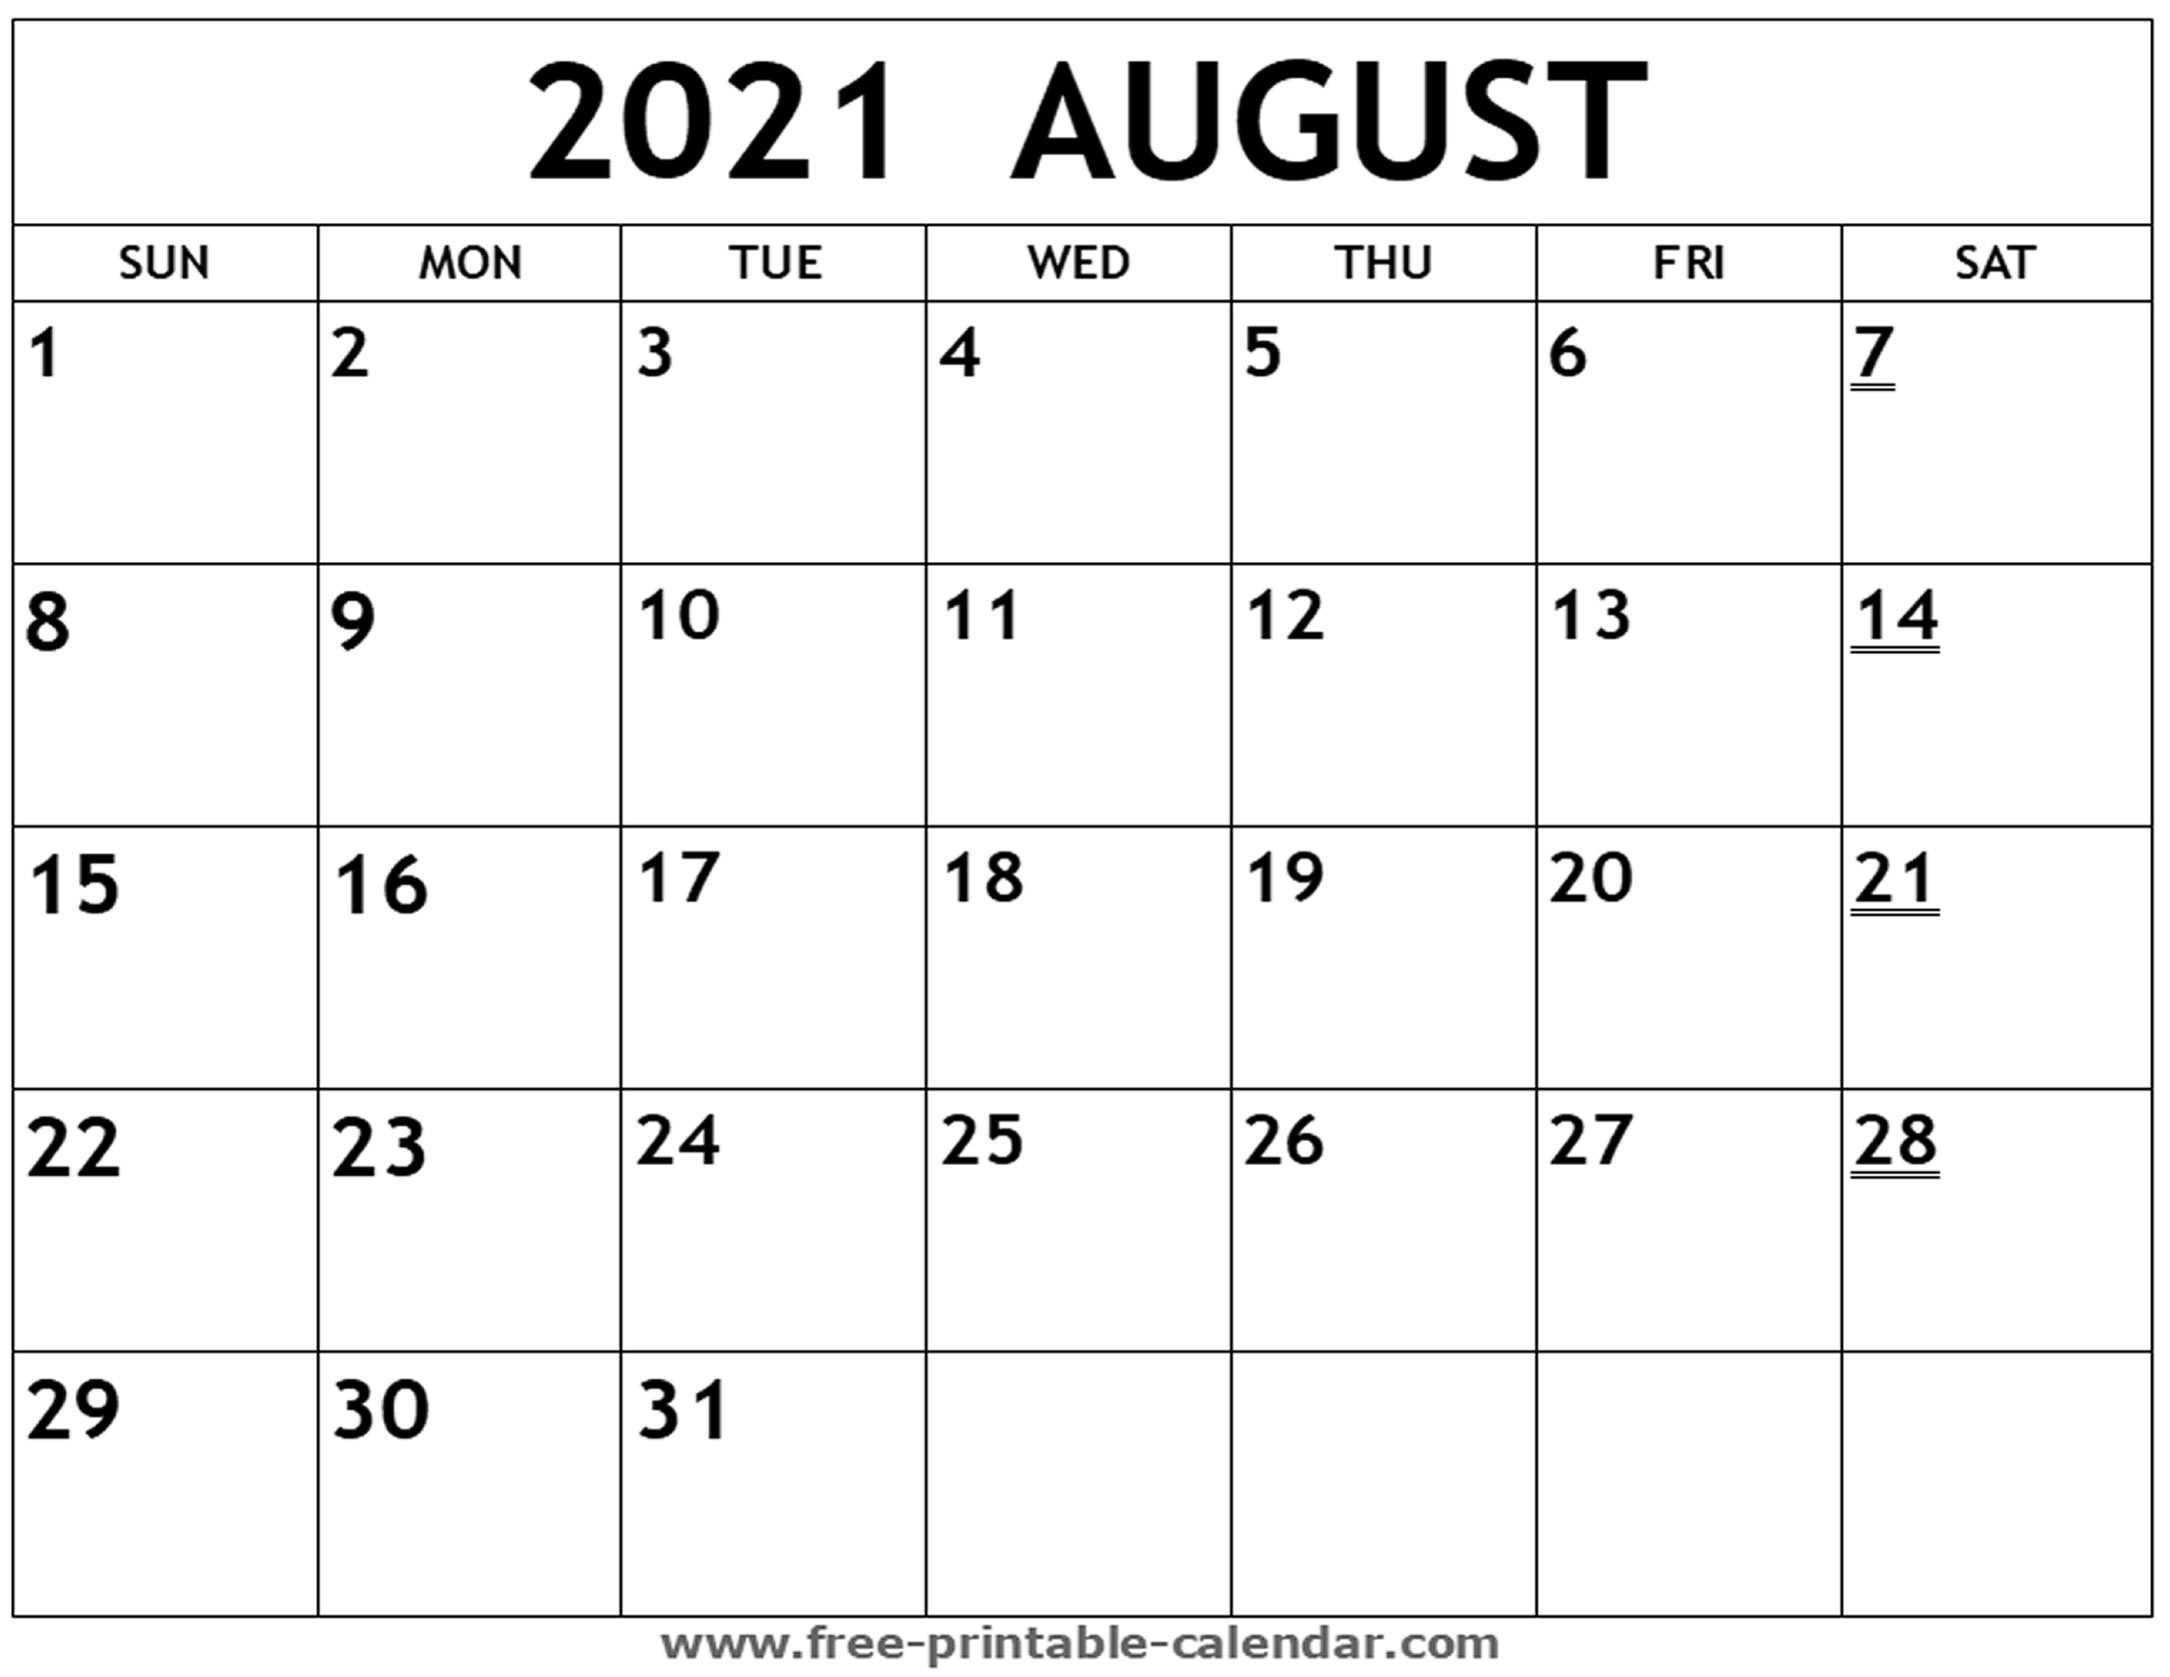 Editable Calendar For August 2021 | Month Calendar Printable with August 2021 Template Calendar